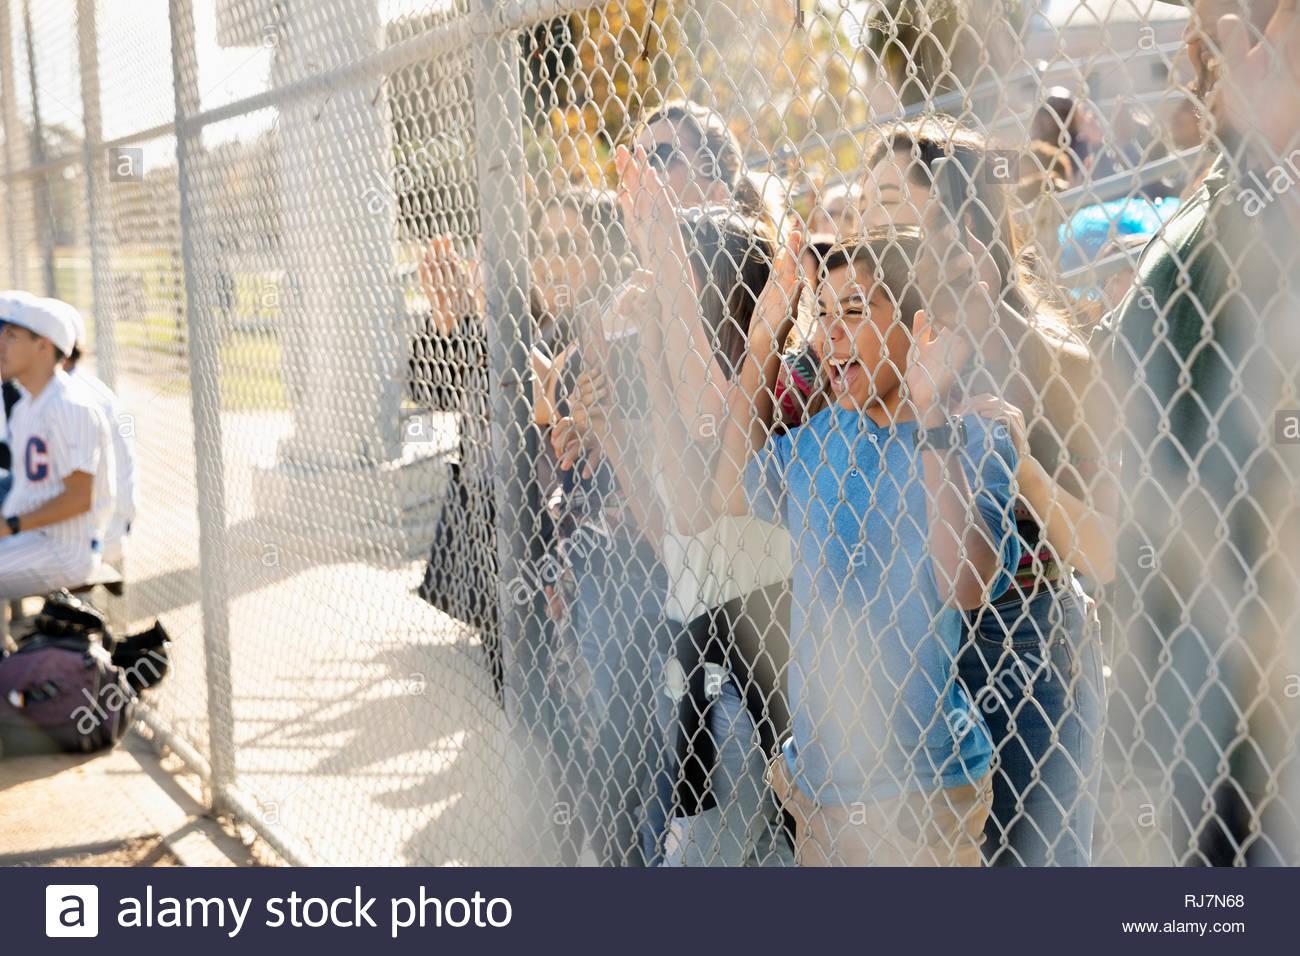 Entusiastas fans vitoreando en valla durante el juego de béisbol Imagen De Stock